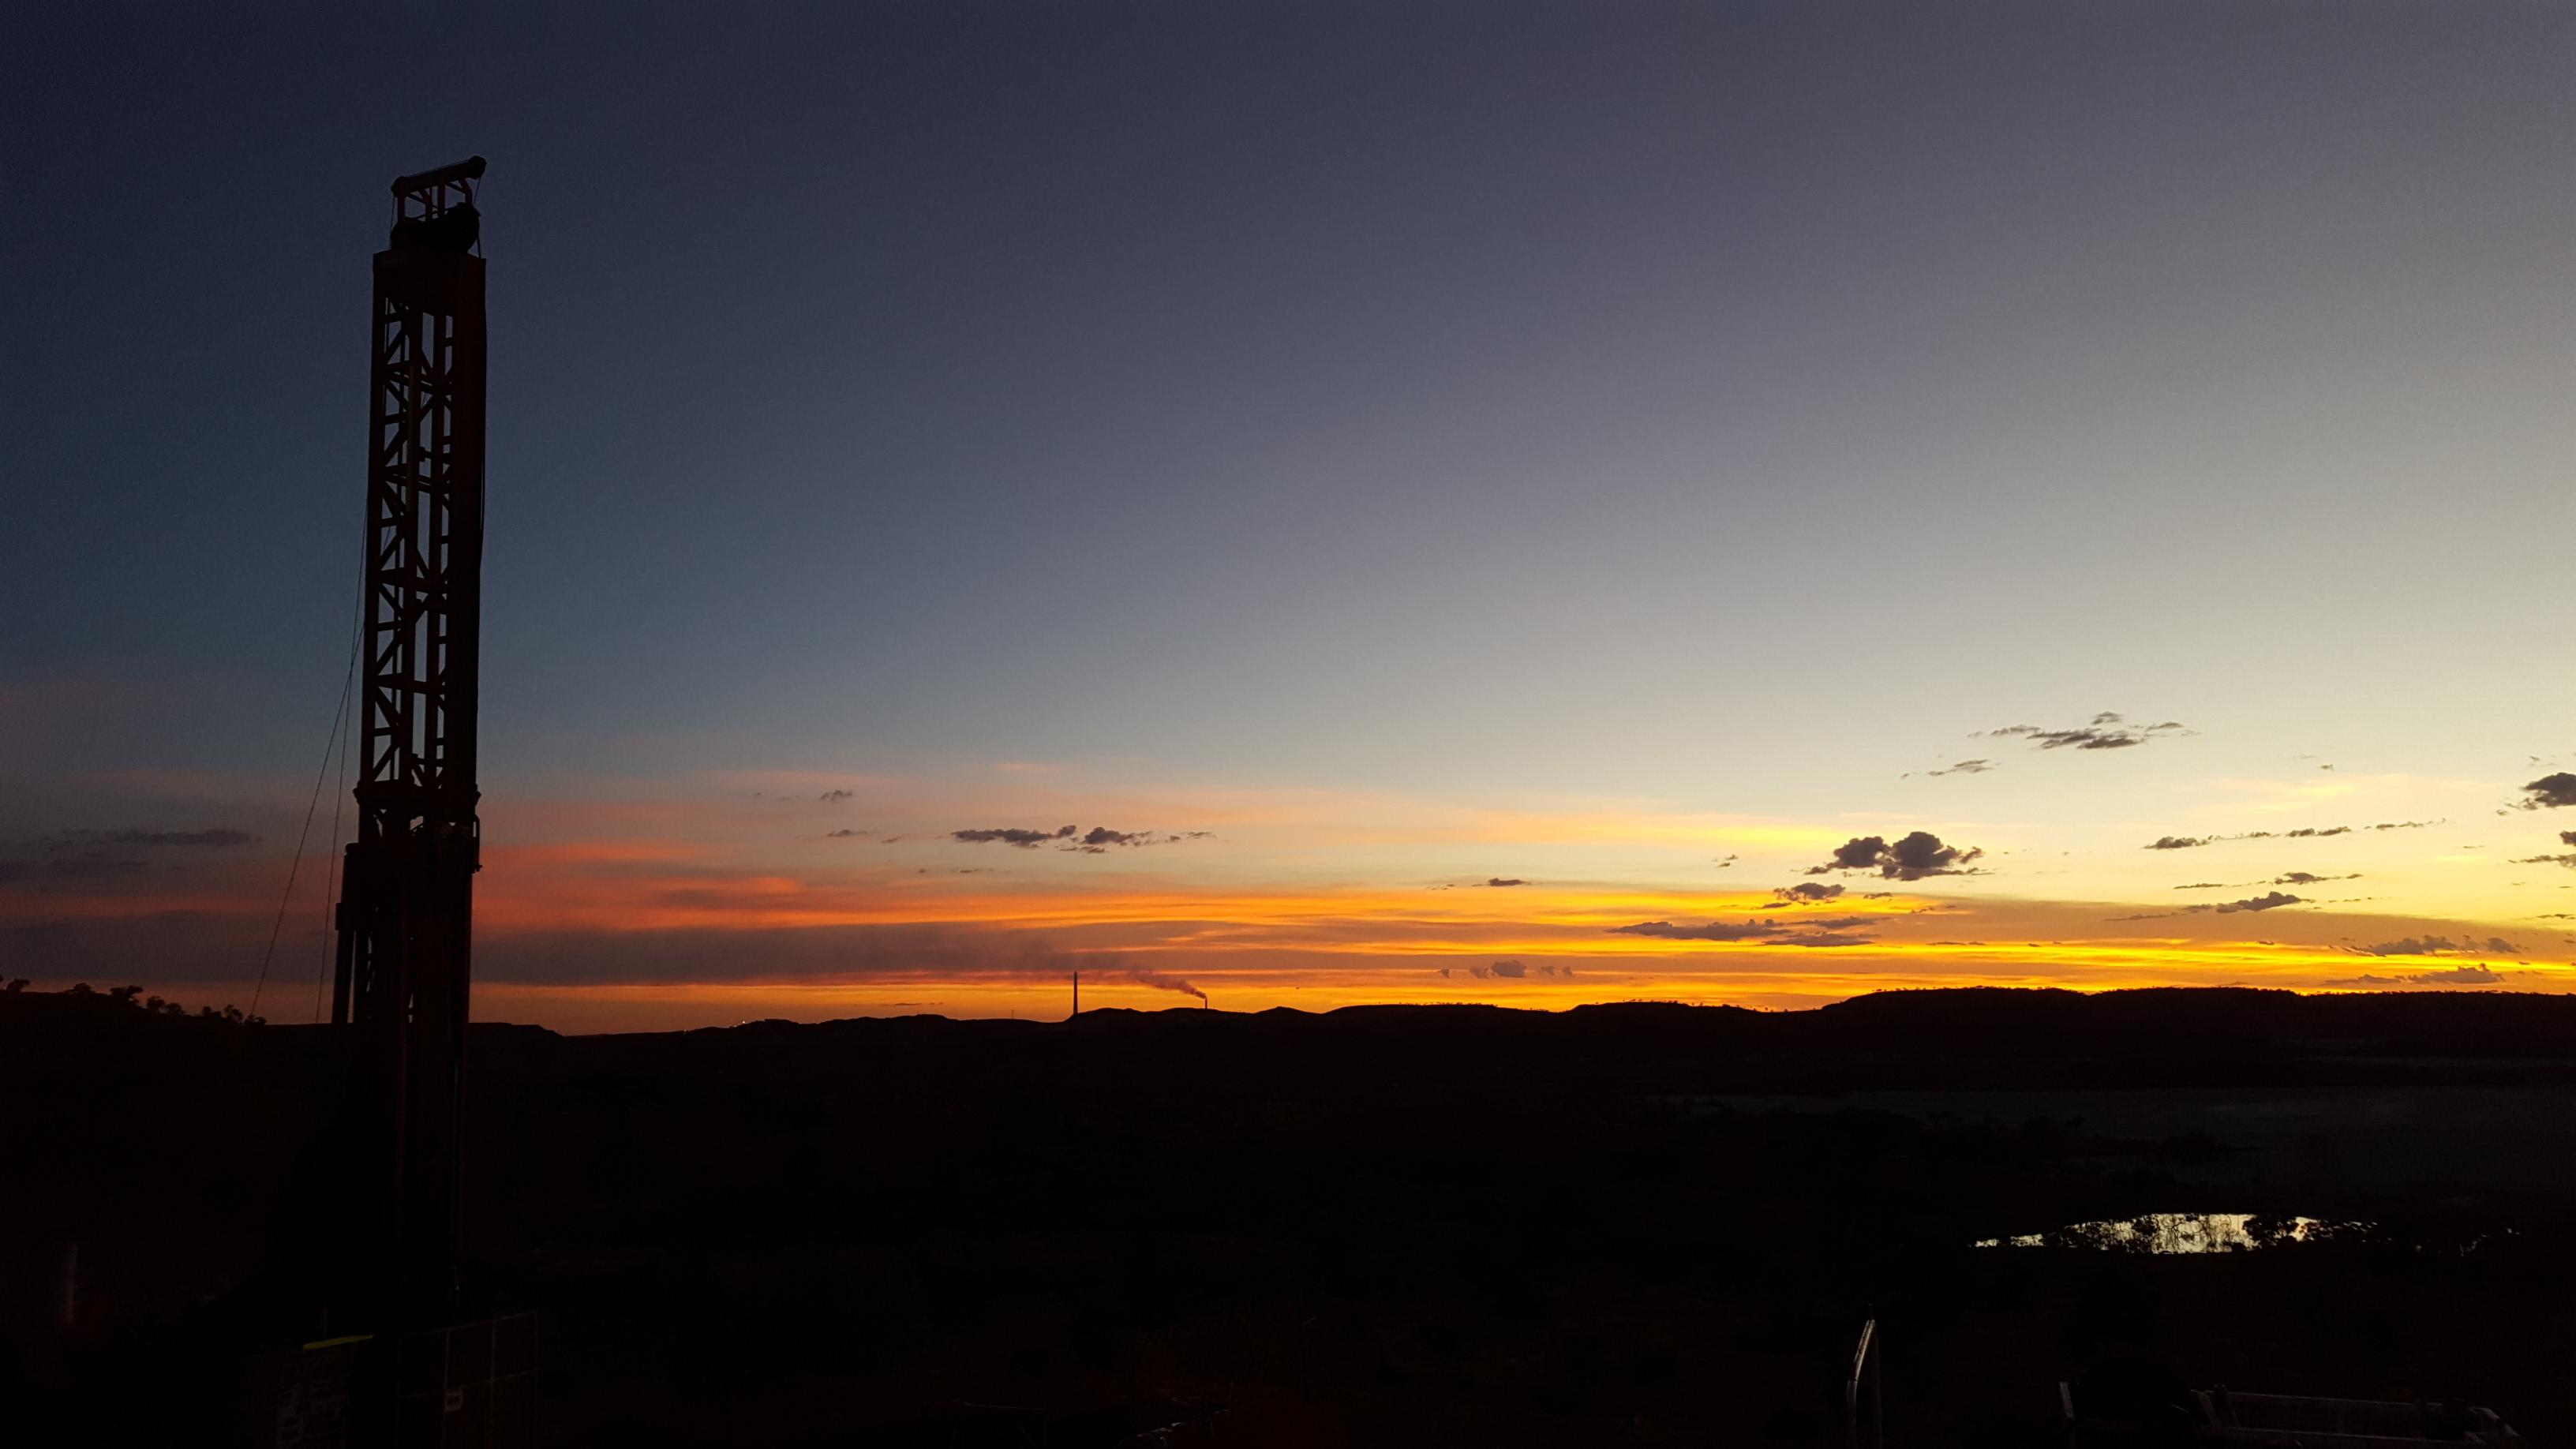 Mount Isa sunset